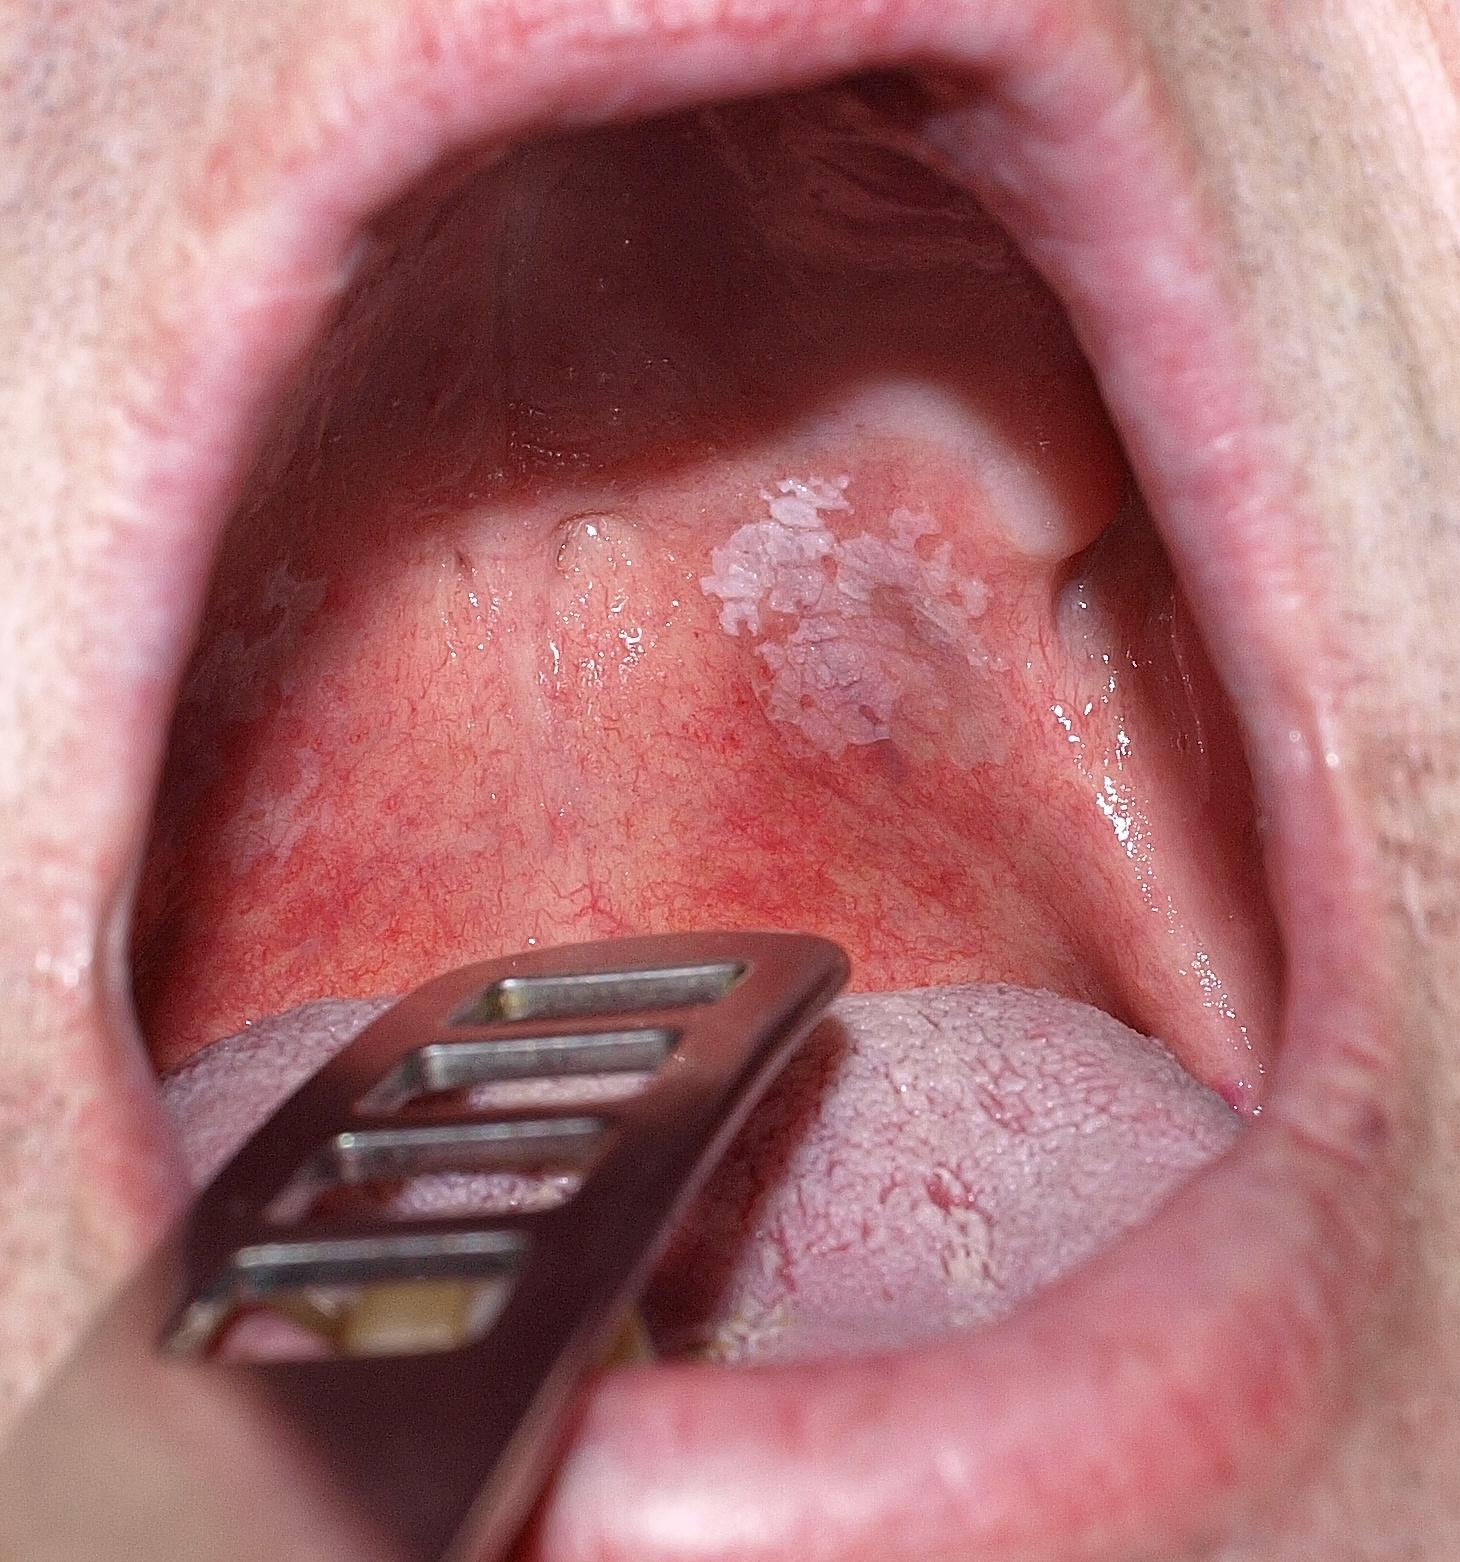 szemölcsöket mutat a nyelv alatt